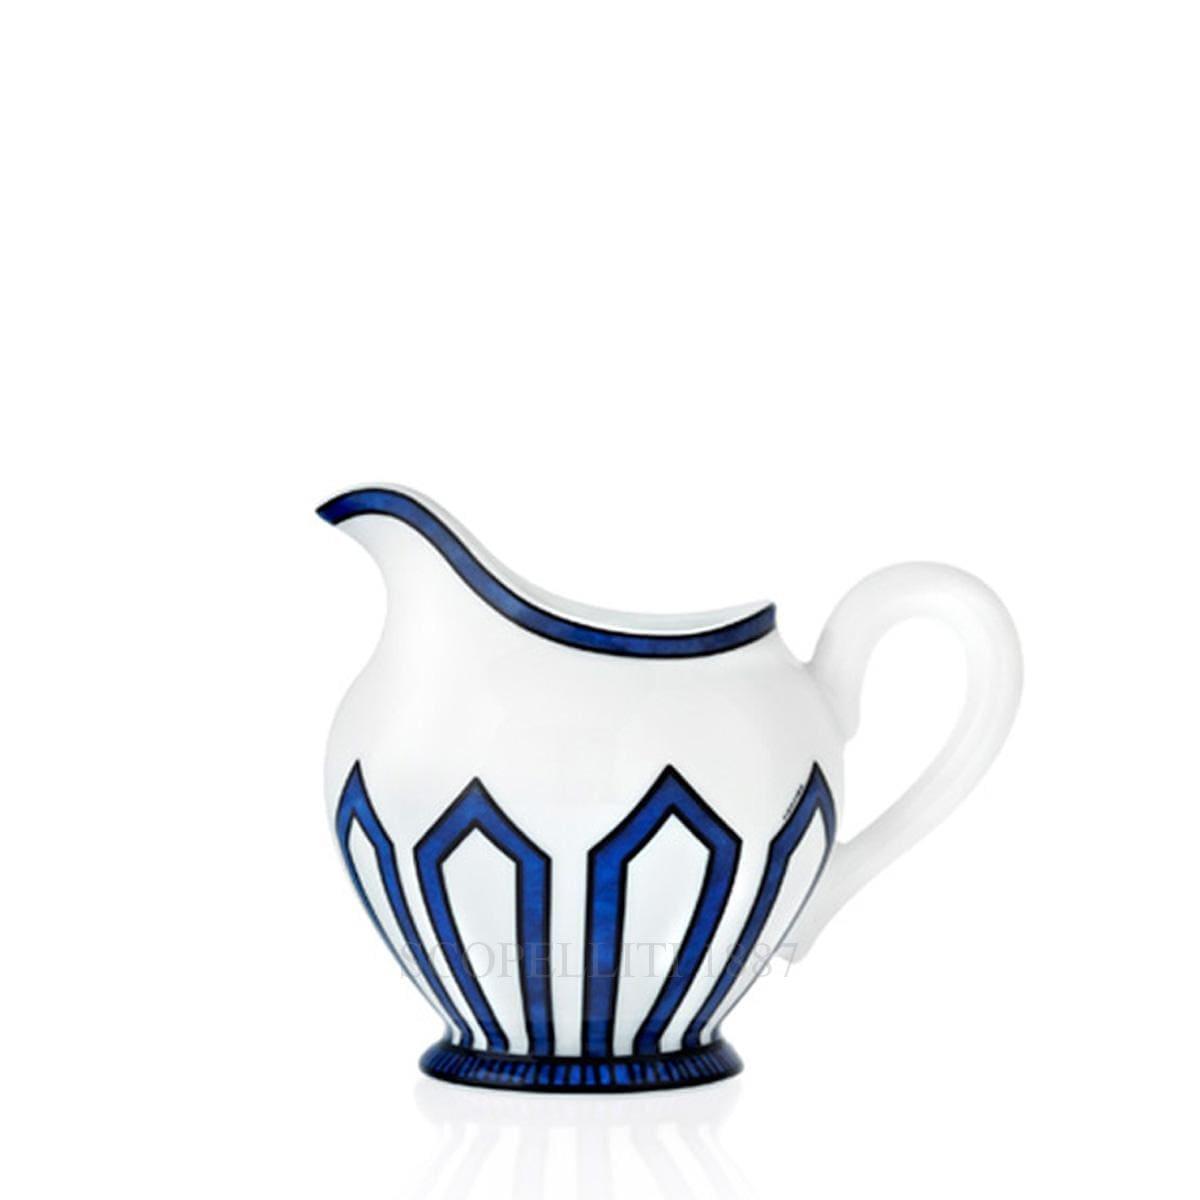 Hermes Bleus d'Ailleurs Creamer